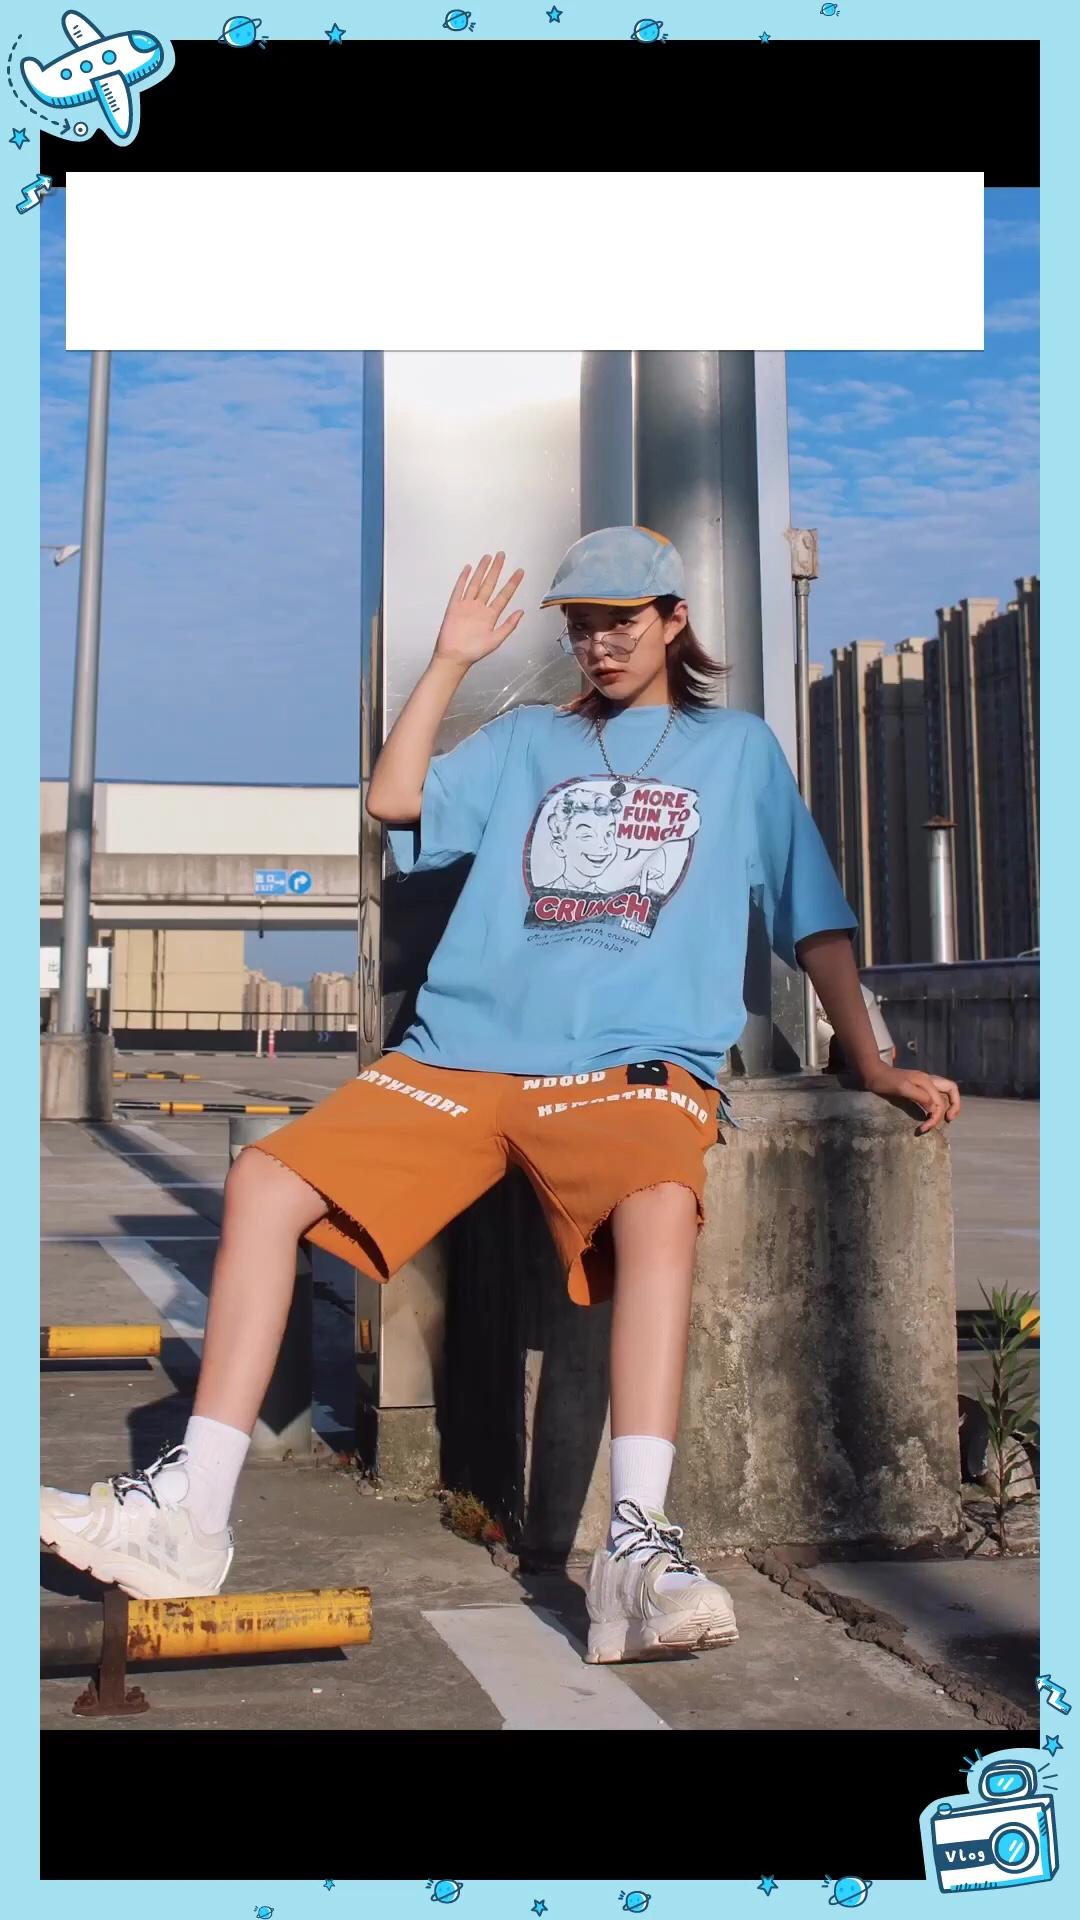 #百元内穿搭!学生党看过来# 天蓝蓝 我的衣服也蓝蓝 超显白的婴儿蓝!印花嫩 颜色也嫩 这种比较清新的蓝我第一次尝试 出乎预料的好看吼 是夏天的颜色没错啦  姜黄色的裤子也是我最近的心头好 裤腿的印花很有新意 最重要的还是版型 宽大但是有型 喜欢中裤不能错过它哈哈哈  鞋子是最近的新宝贝 希望李宁可以多出些好看的鞋子!这双颜值脚感都在线 很值得入的一双鞋  帽子也算是点睛之笔吧 融合了上衣裤子两个元素的颜色 小拼接很有特色 搭配的蓝色眼镜也是同理   衣服:MVPRFW 裤子:NorthendBrand 鞋子:Lining